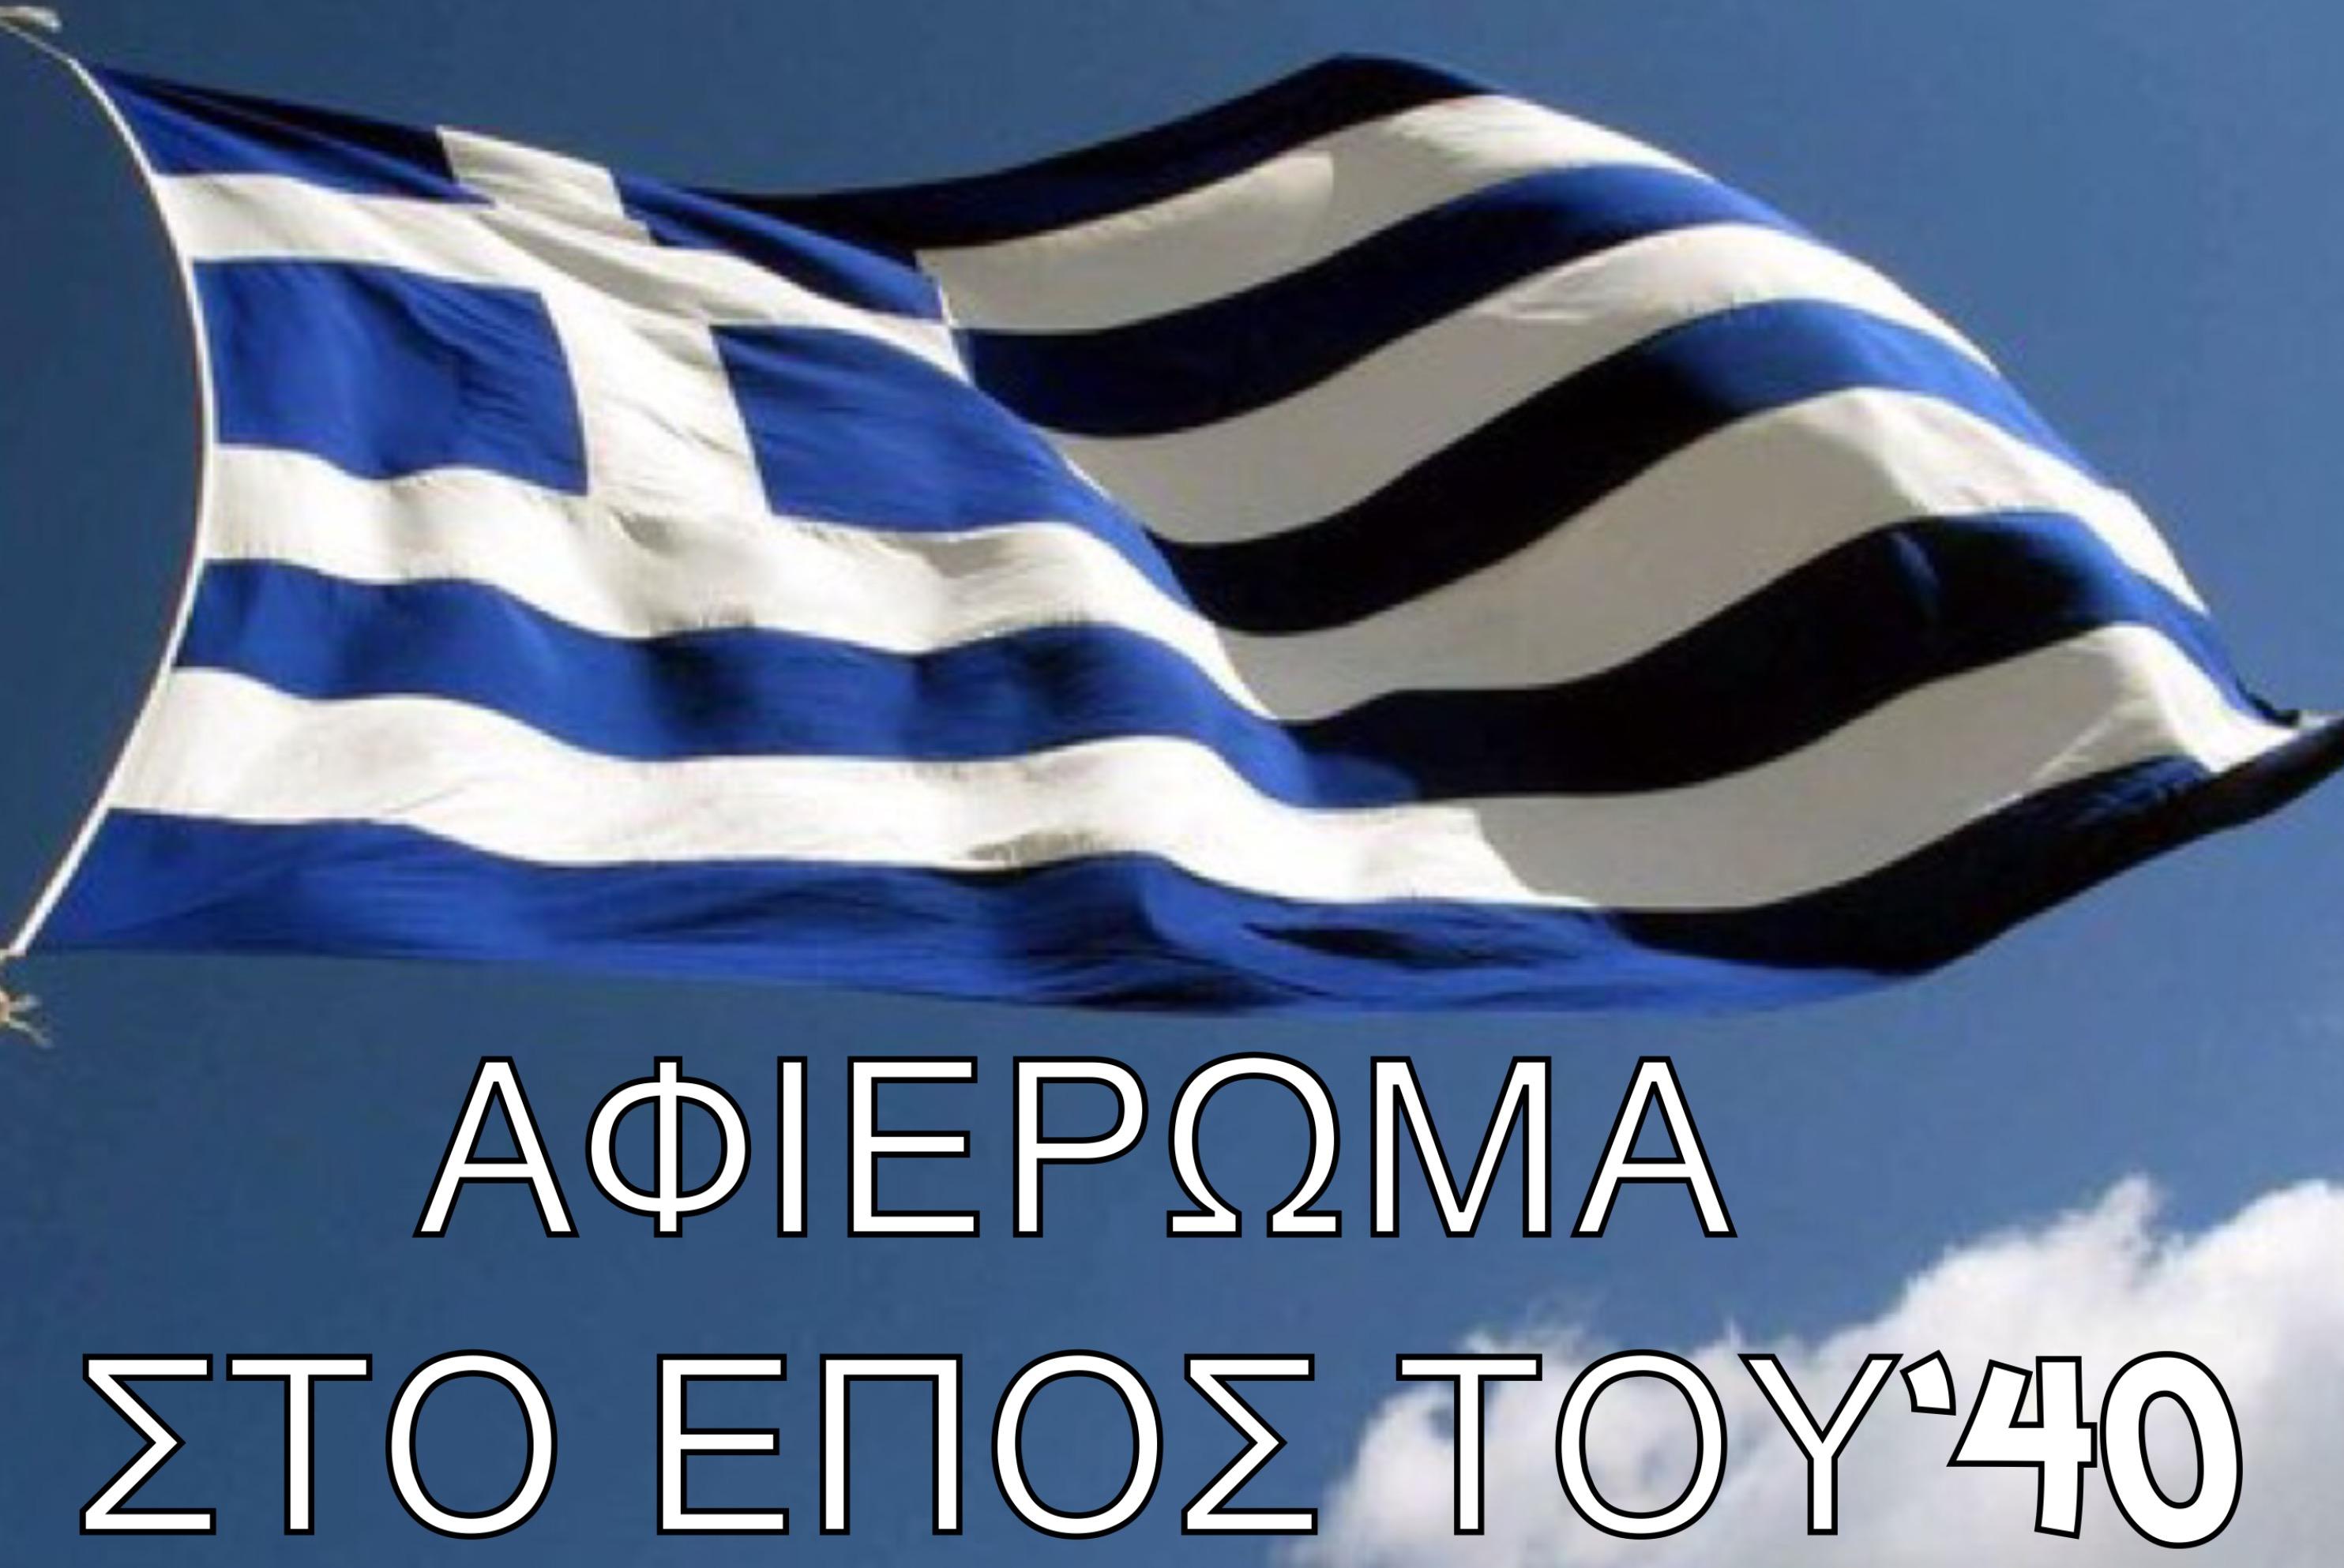 Γιατί η Ελλάδα γιορτάζει την έναρξη κι όχι τη λήξη του Β Παγκοσμίου Πολέμου;